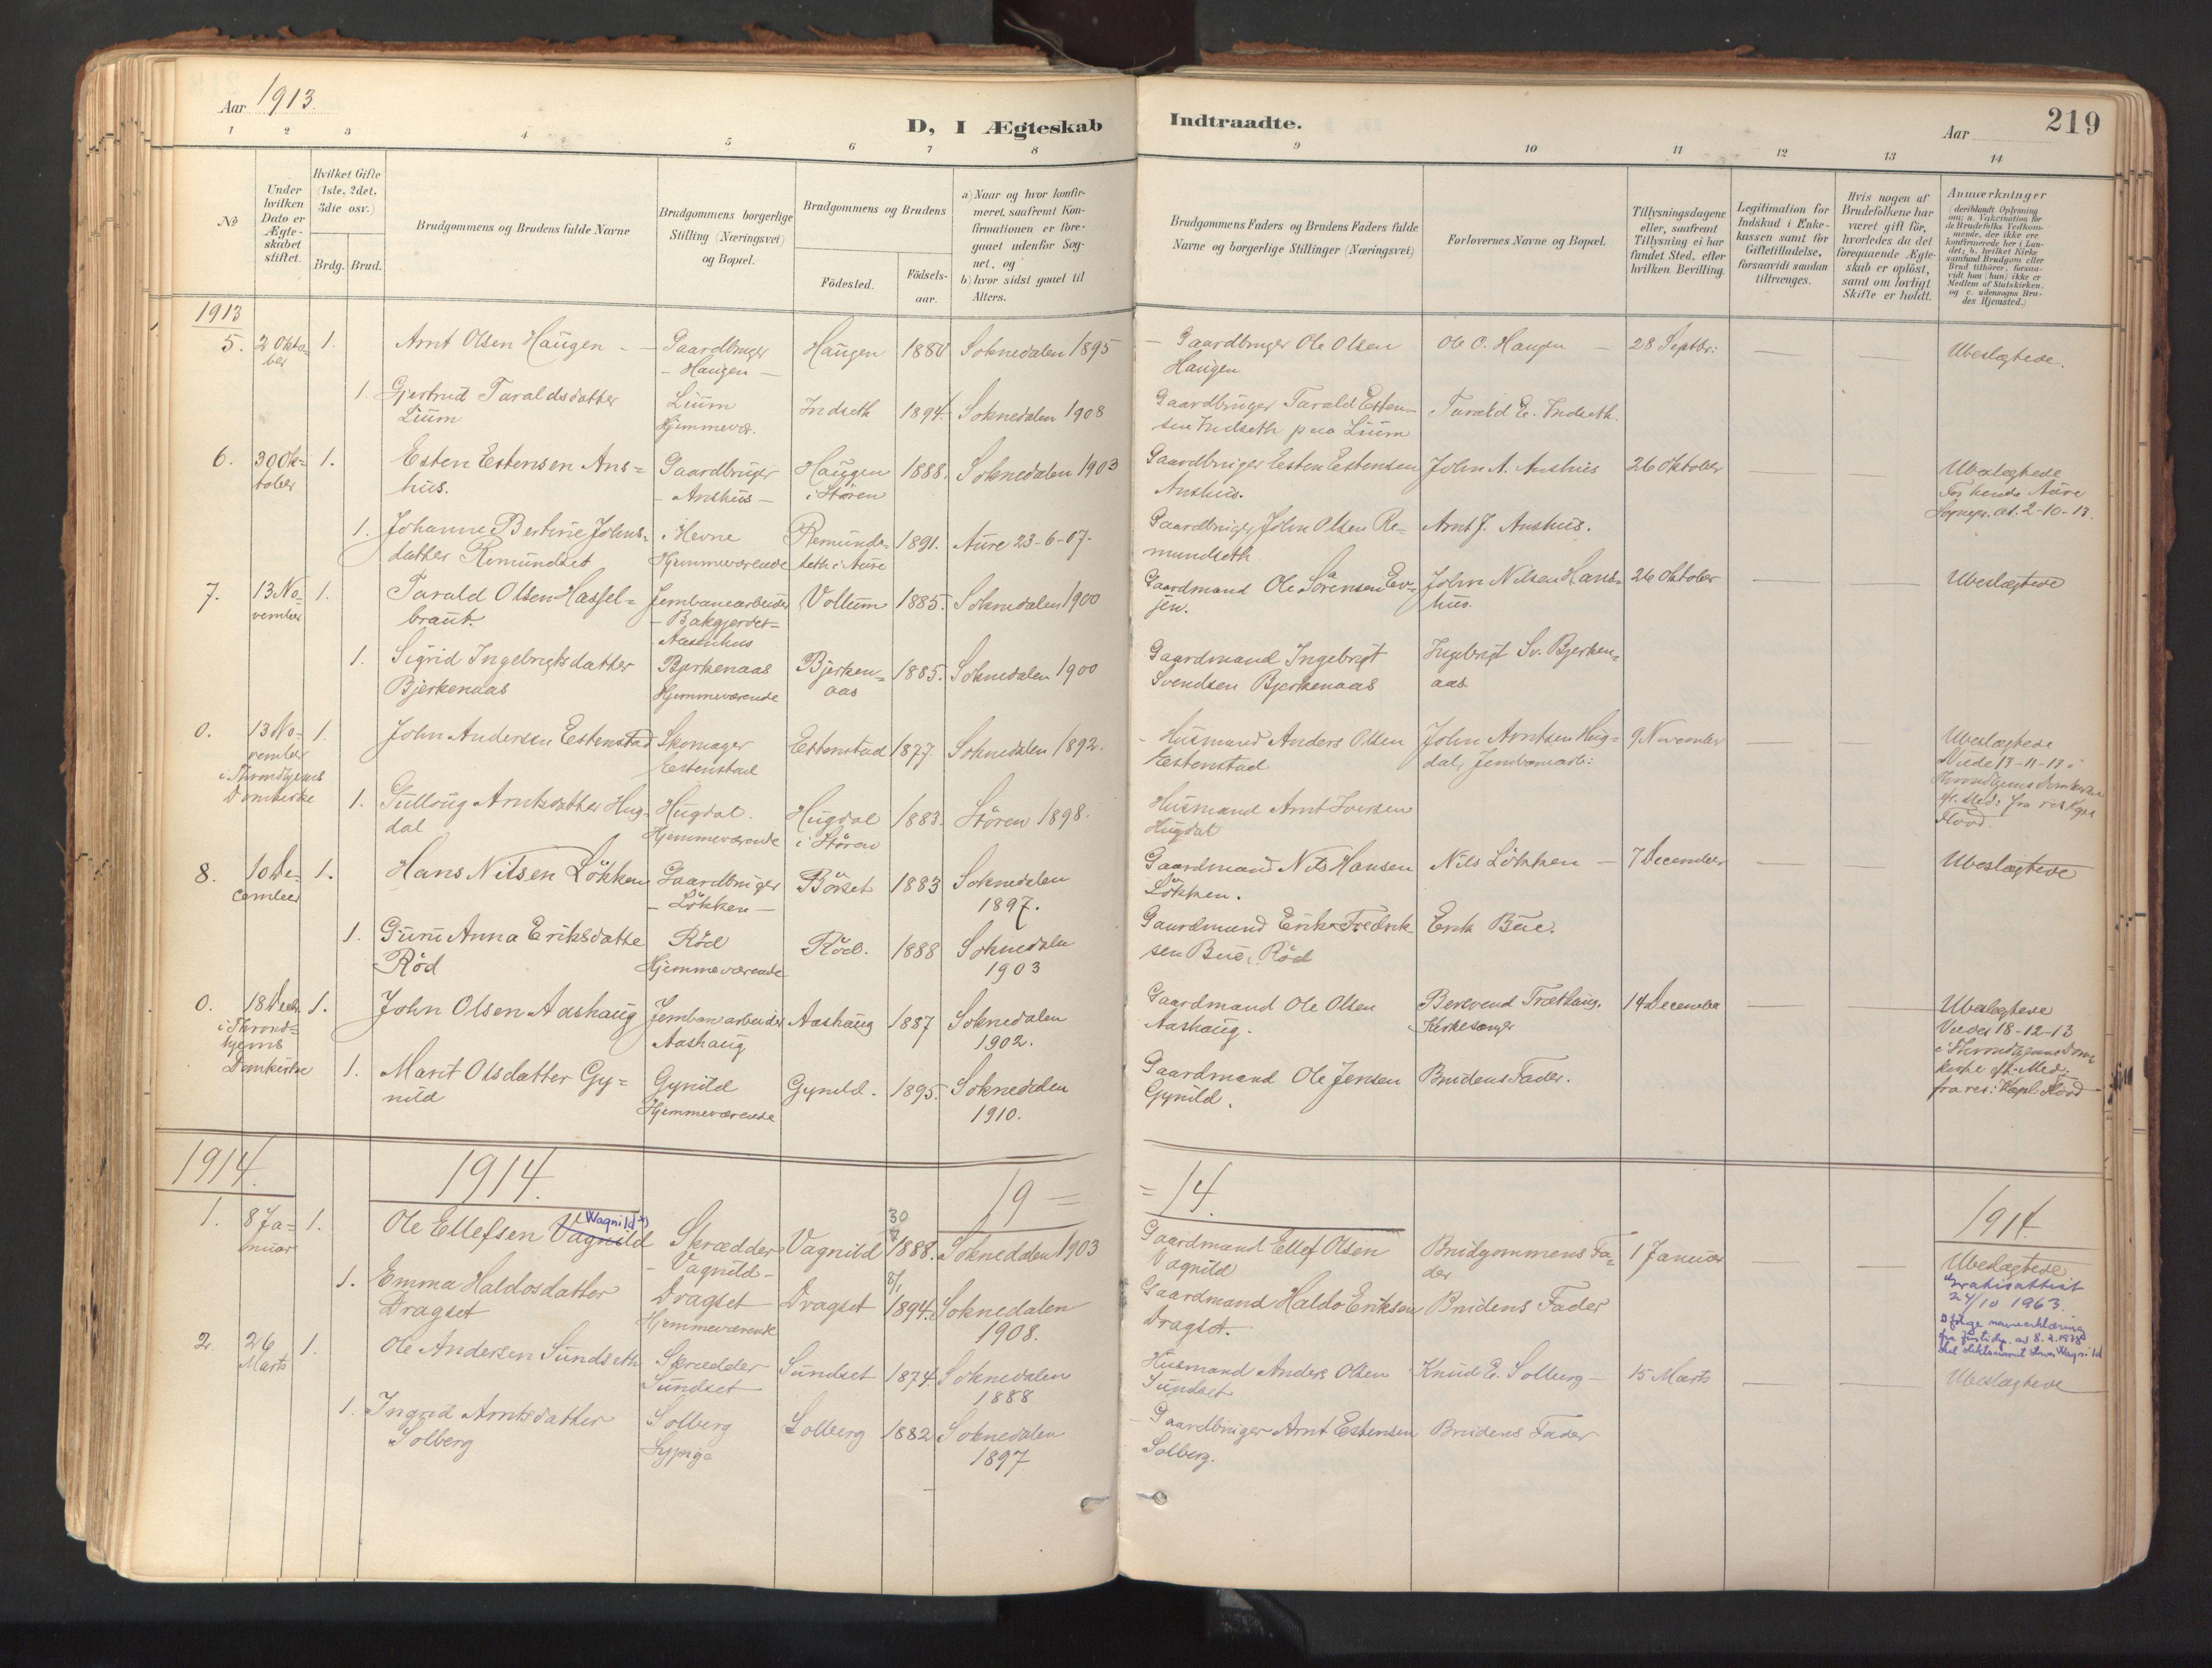 SAT, Ministerialprotokoller, klokkerbøker og fødselsregistre - Sør-Trøndelag, 689/L1041: Ministerialbok nr. 689A06, 1891-1923, s. 219